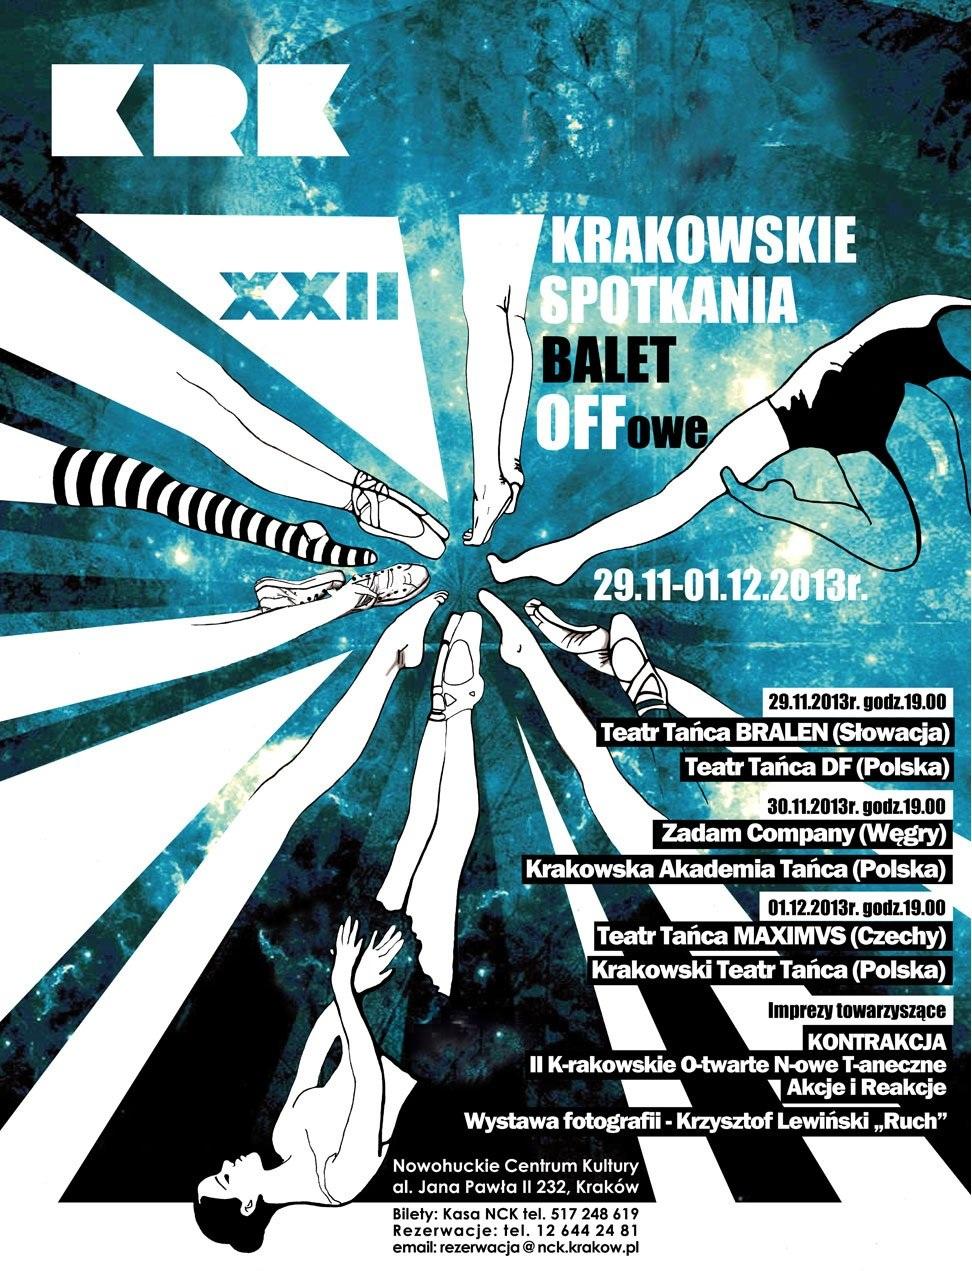 XXII Krakowskie Spotkania Baletoffowe (źródło: mat. organizatora)